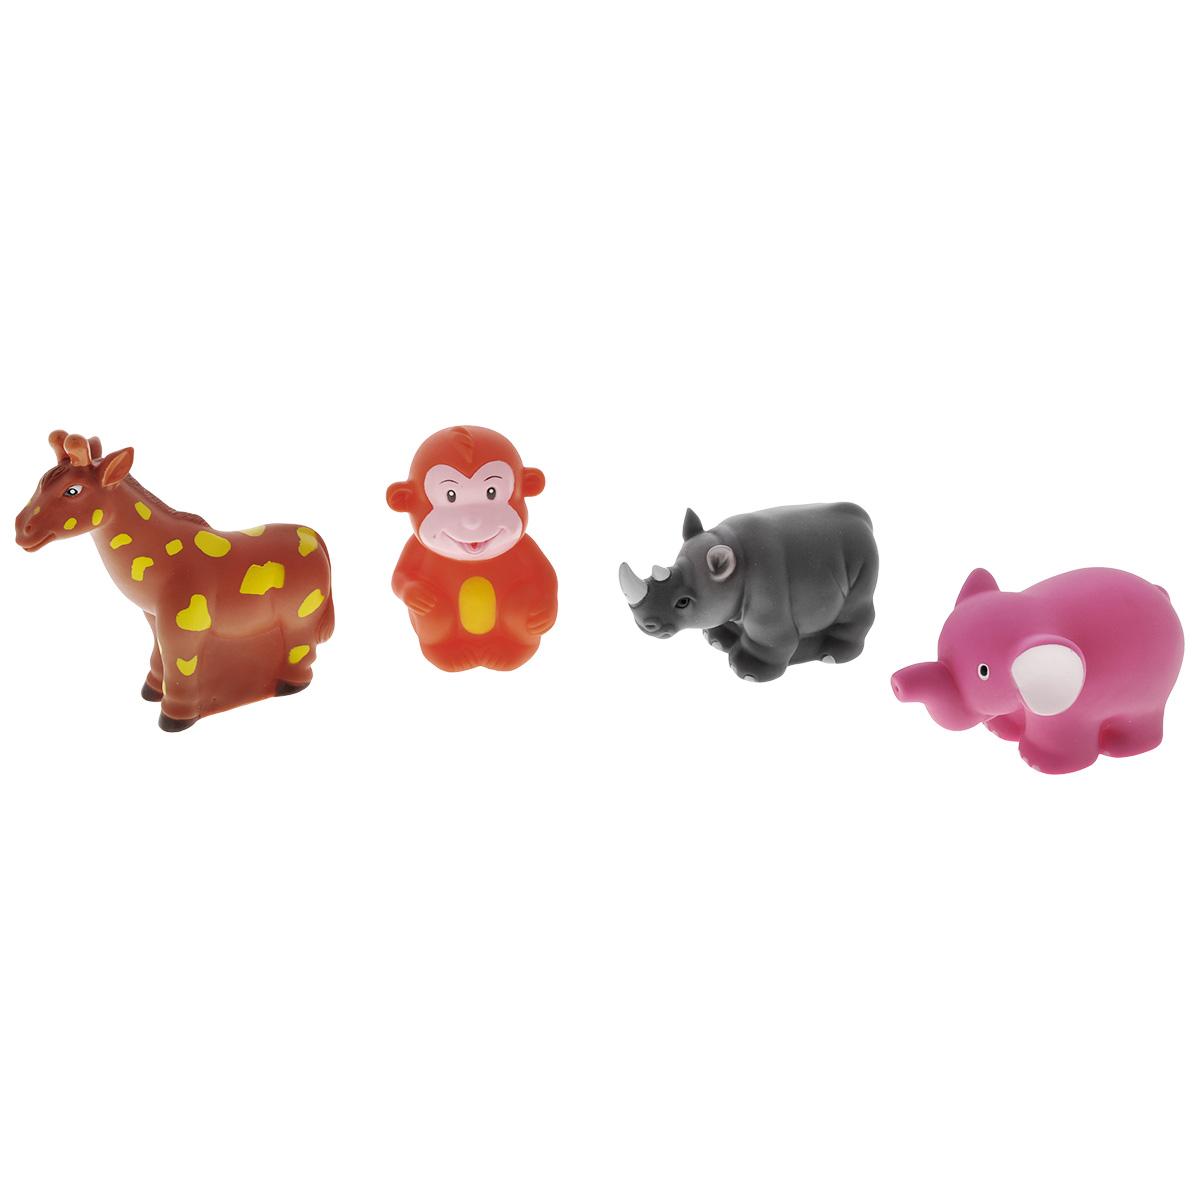 Игровой набор для ванны Mioshi Солнечная Африка, 4 штMAU0304-005С набором для ванны Mioshi Солнечная Африка в виде экзотических зверушек-игрушек купание станет любимым развлечением вашего крохи. В комплекте набора малыш обнаружит: пятнистого жирафика, розового слоника, обезьянку и носорога. Все составляющие набора приятны на ощупь, имеют удобную для захвата маленькими пальчиками эргономичную форму и быстро сохнут. Забавным дополнением также будет возможность игрушек брызгать водой при сжатии. Устраивайте водные сражения! Игрушки Mioshi Aqua помогают малышам быстрее приспосабливаться к водной среде, а процесс принятия водных процедур делают веселым и увлекательным.